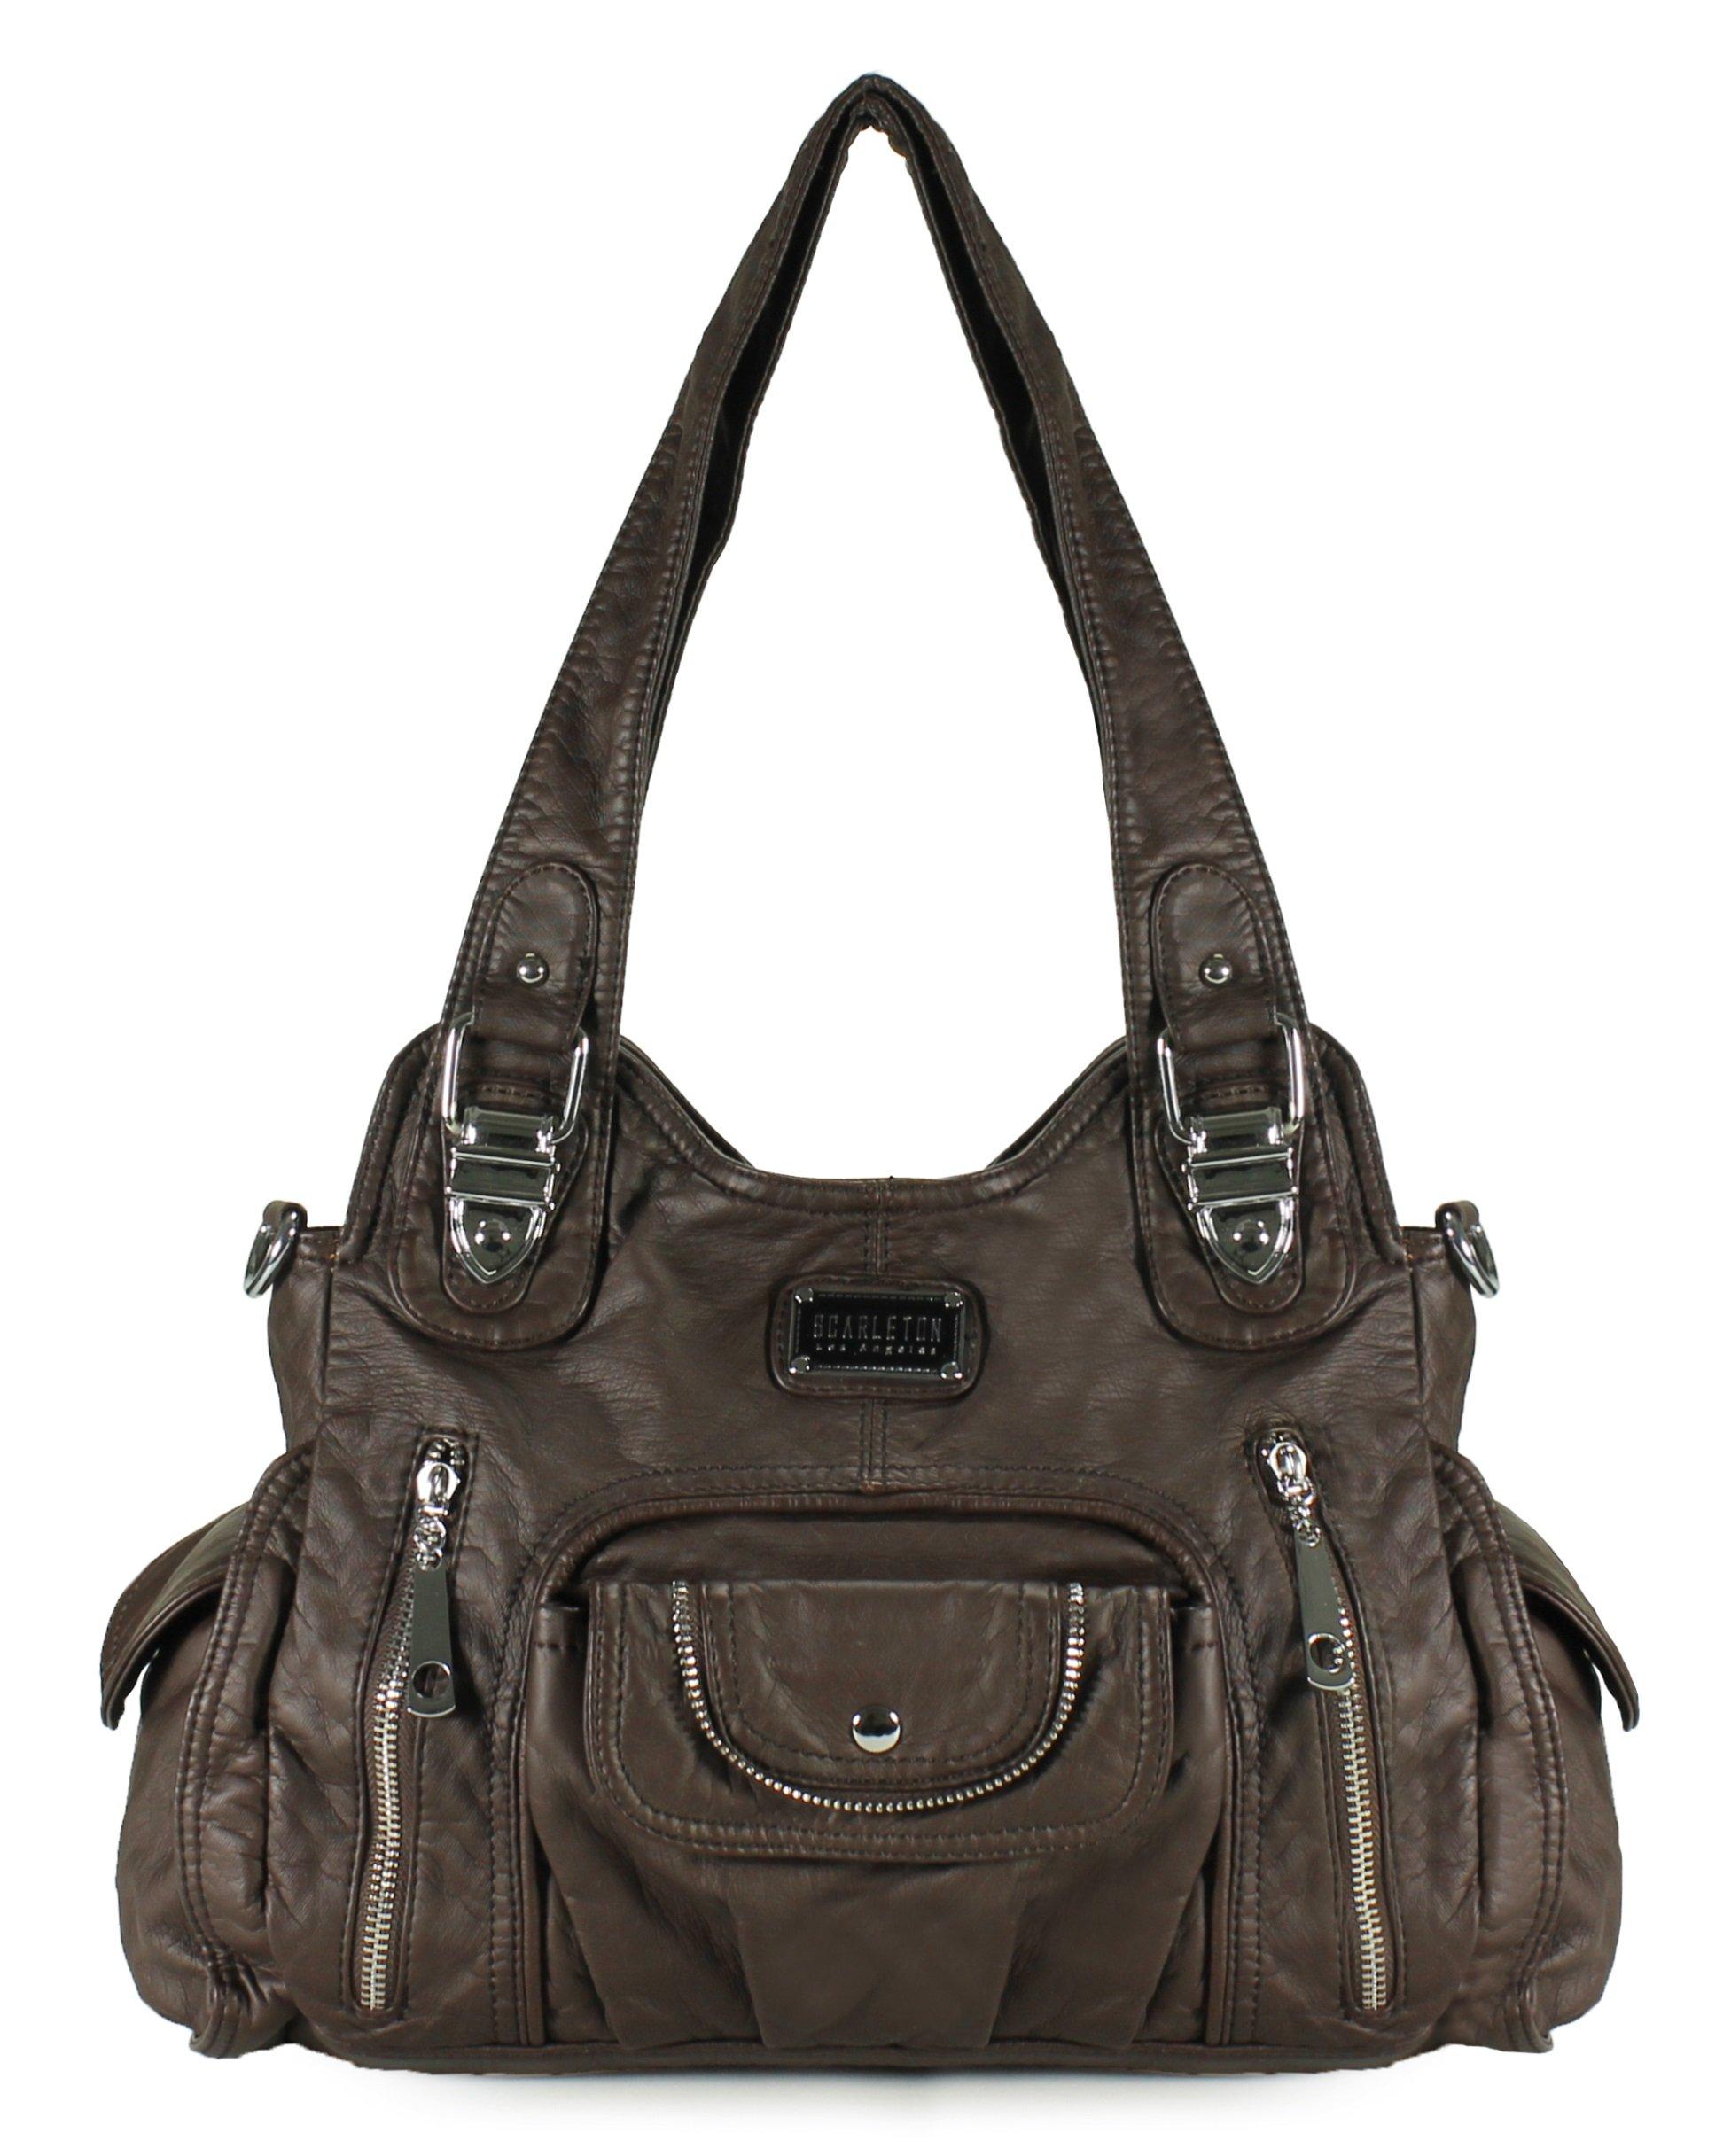 a64c4c3908 Amazon.com  Scarleton Fashion Decorative Zipper Shoulder Bag H163501 -  Black  Shoes